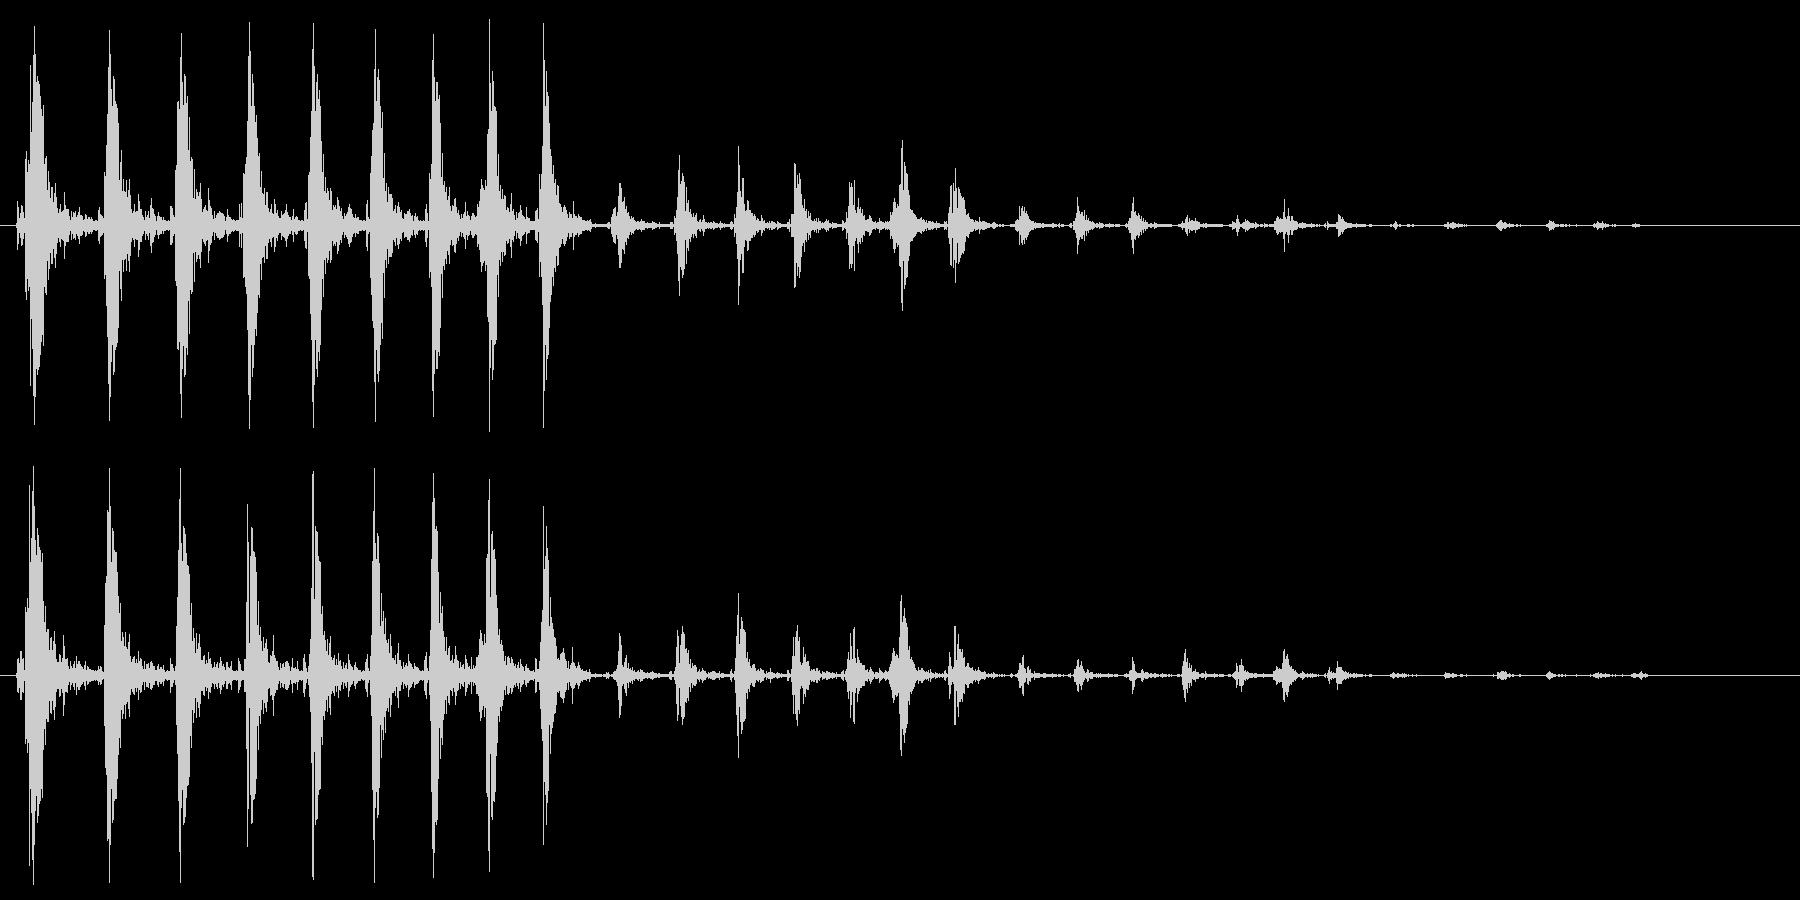 ワープ音、高めのシンセサイザーのループ音の未再生の波形